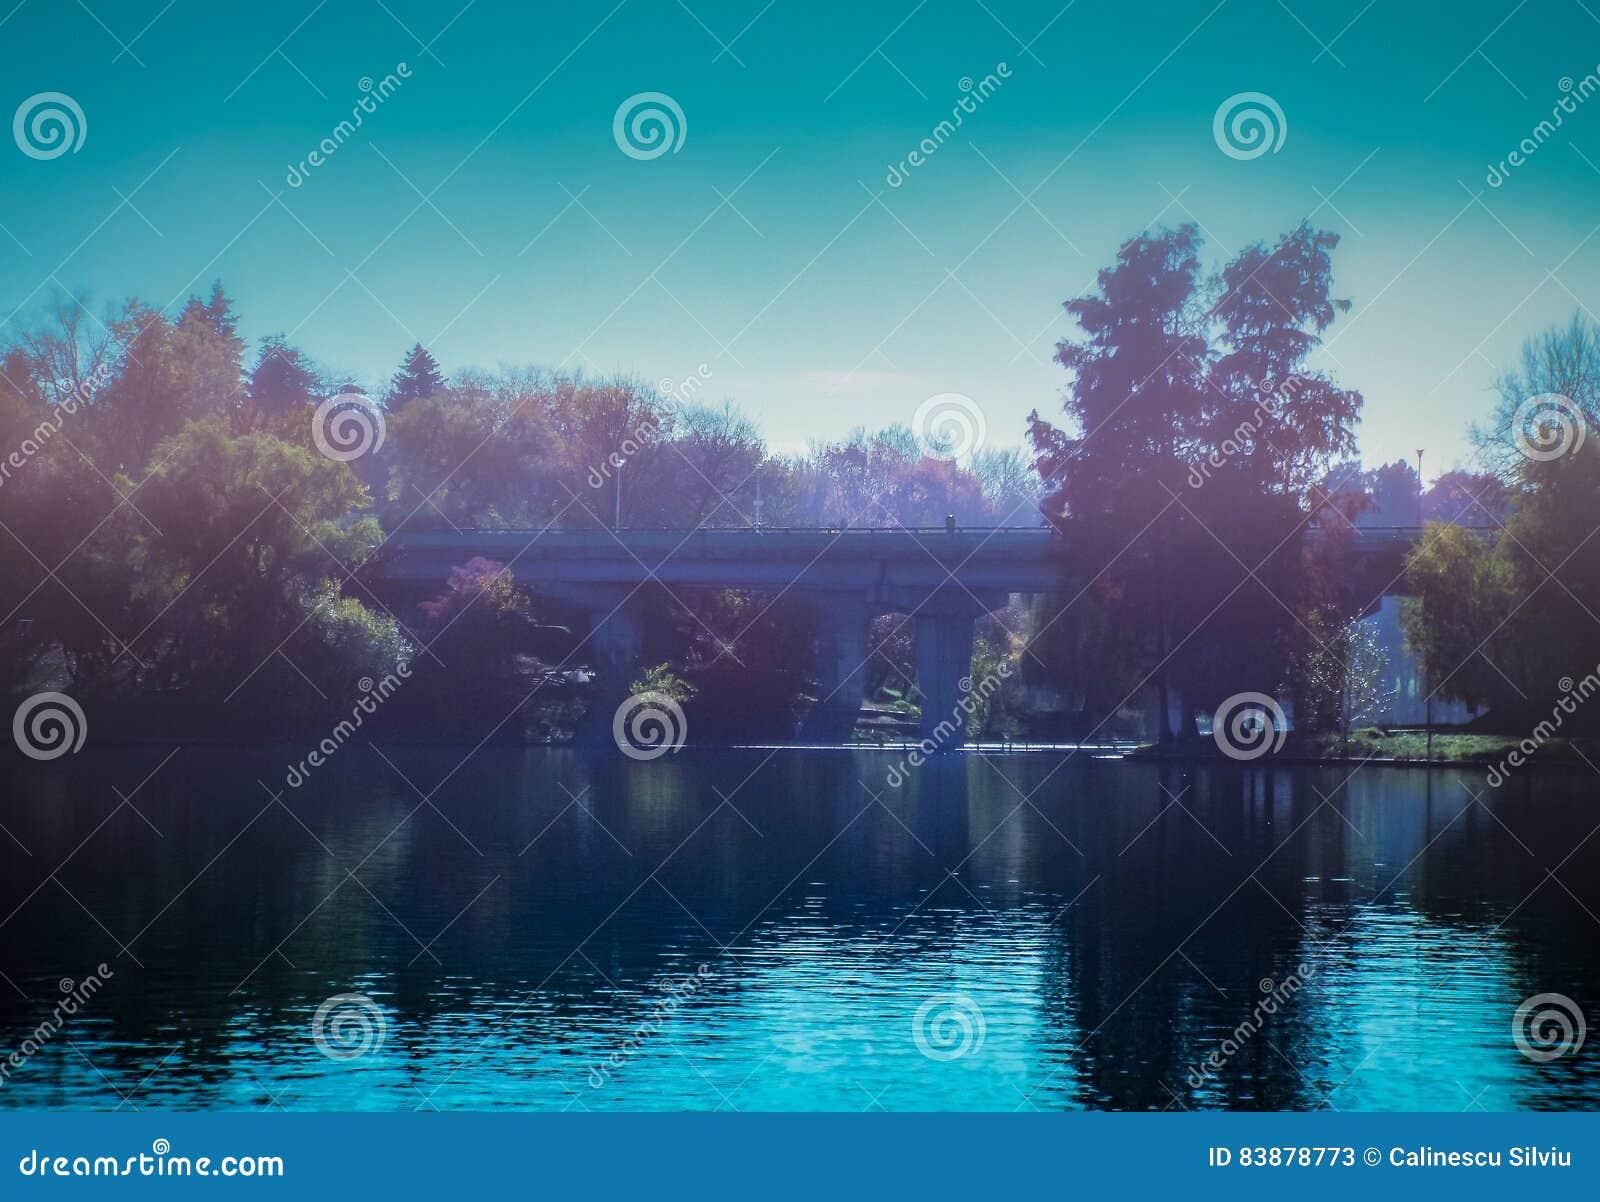 Overfiltered artistivc jesieni błękitny mgłowy ranek na jeziorze